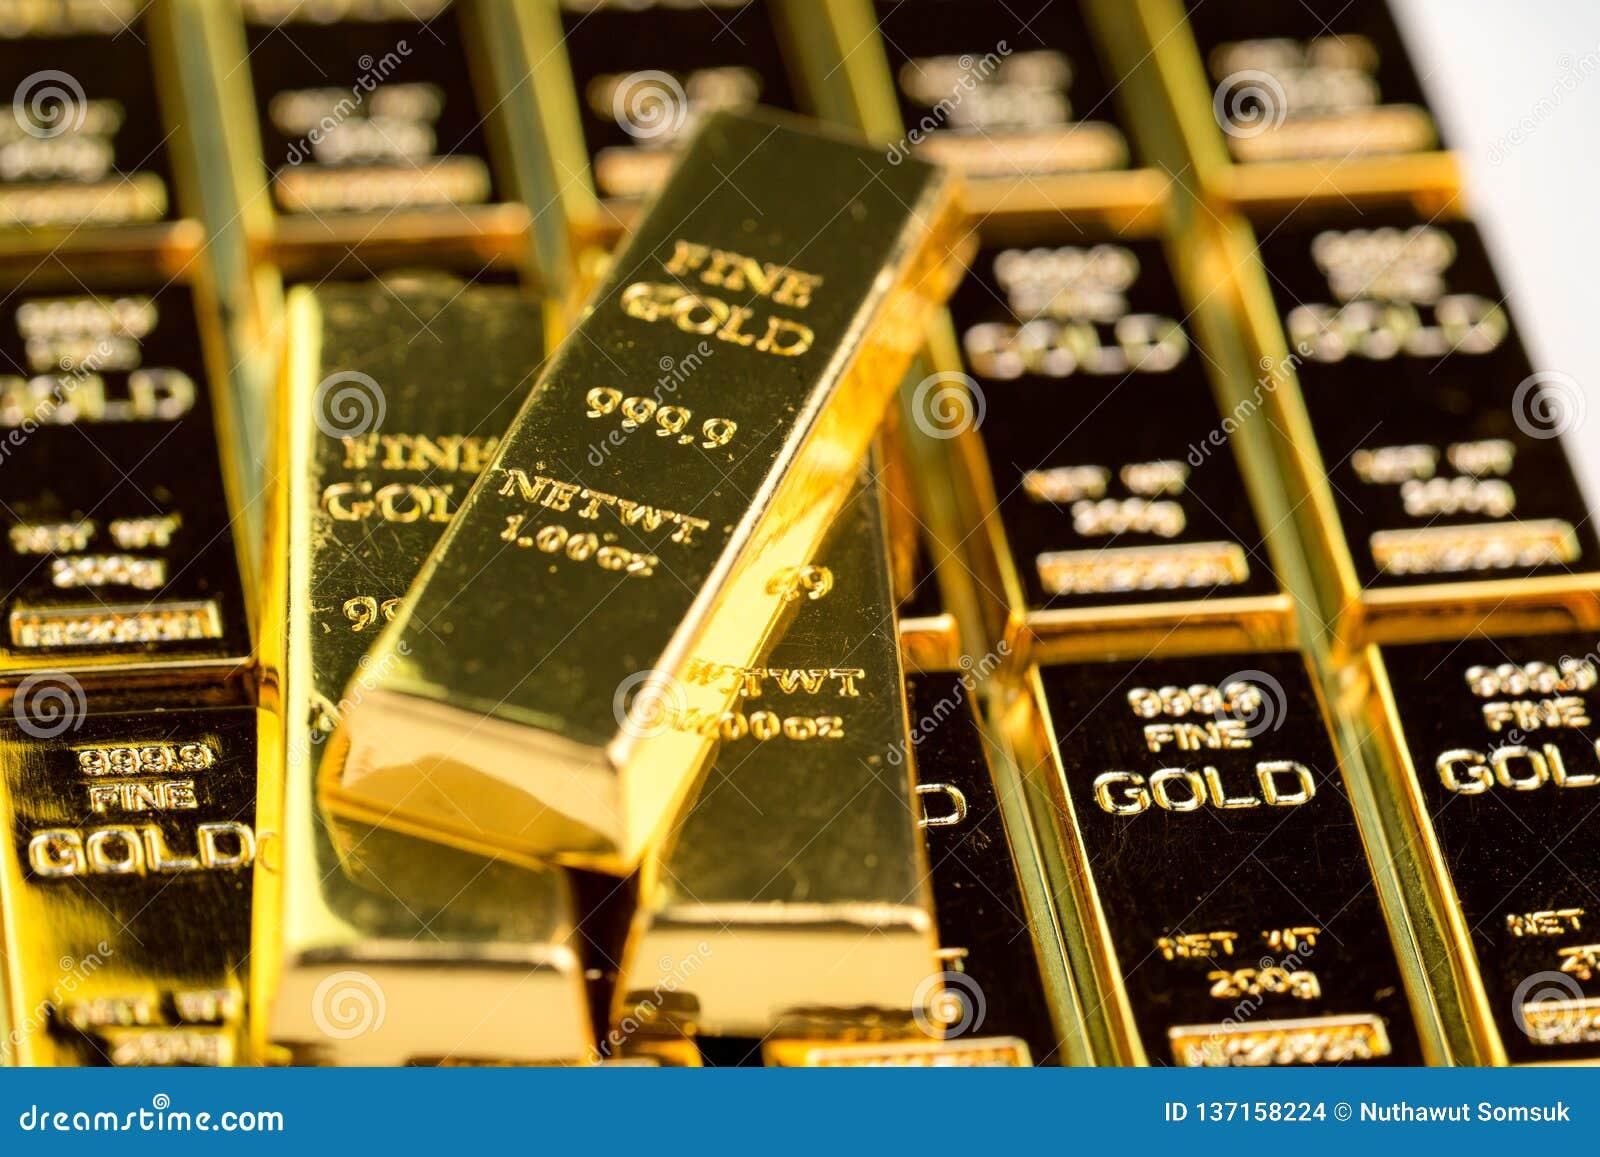 堆金制马上的齿龈金块锭,危机避难所的投资国家经济的财产投资的或储备